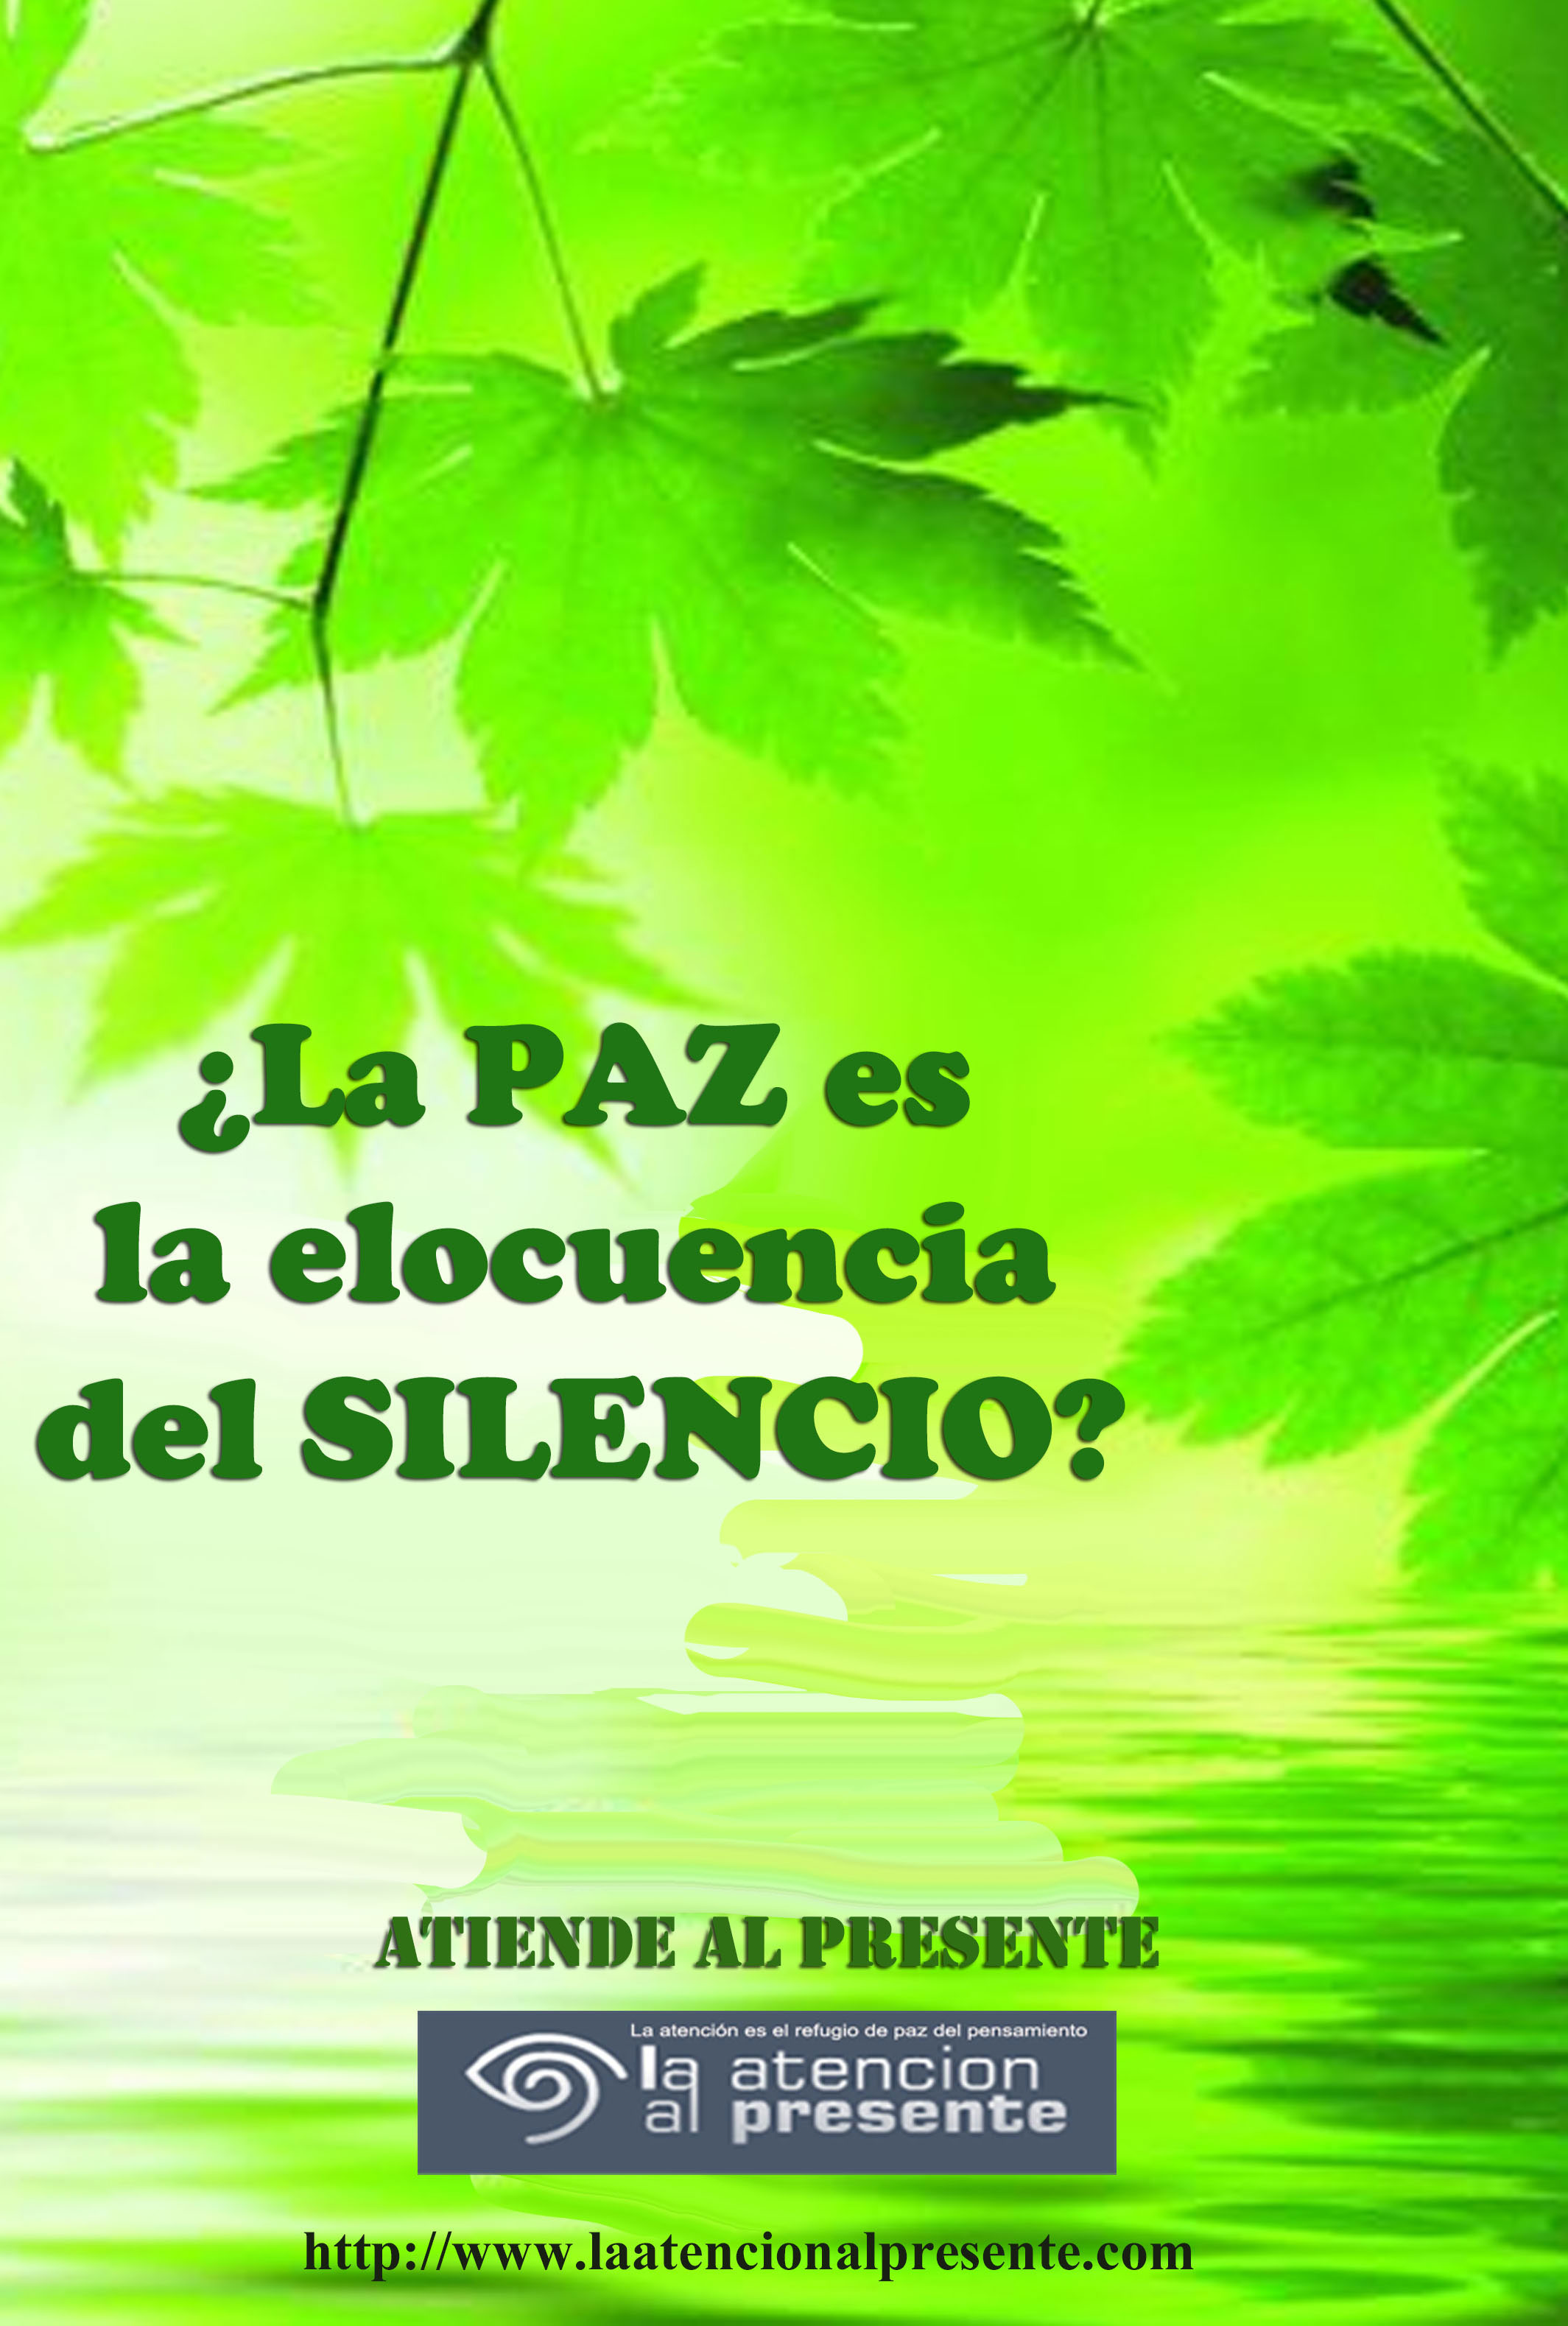 26 de junio Esteban La PAZ es la elocuencia del SILENCIO C